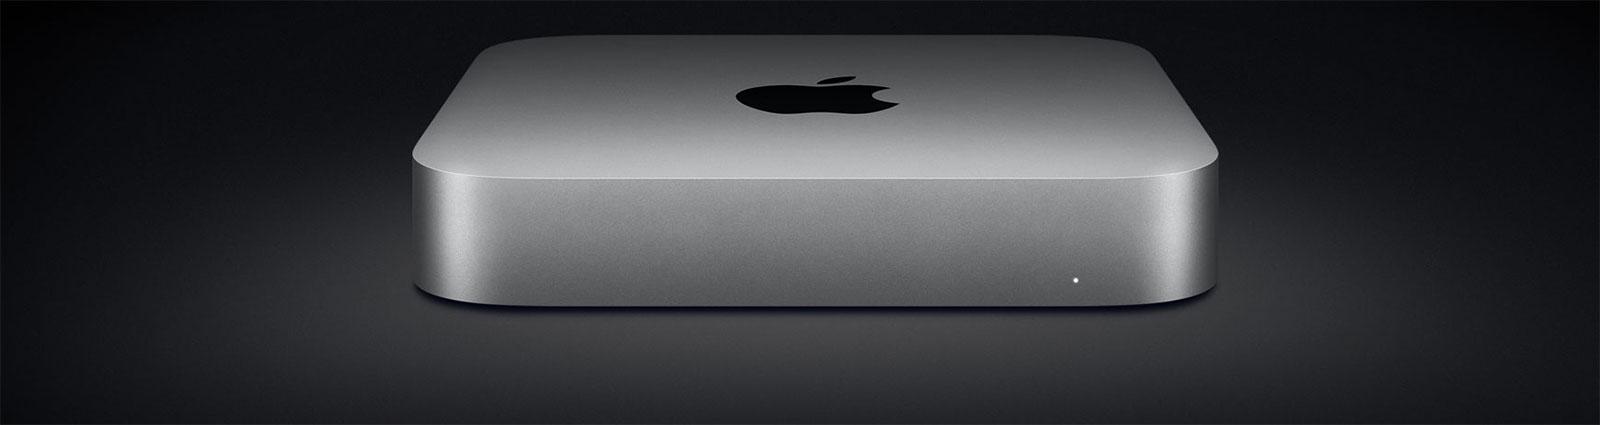 Mac mini con CPU M1 de Apple